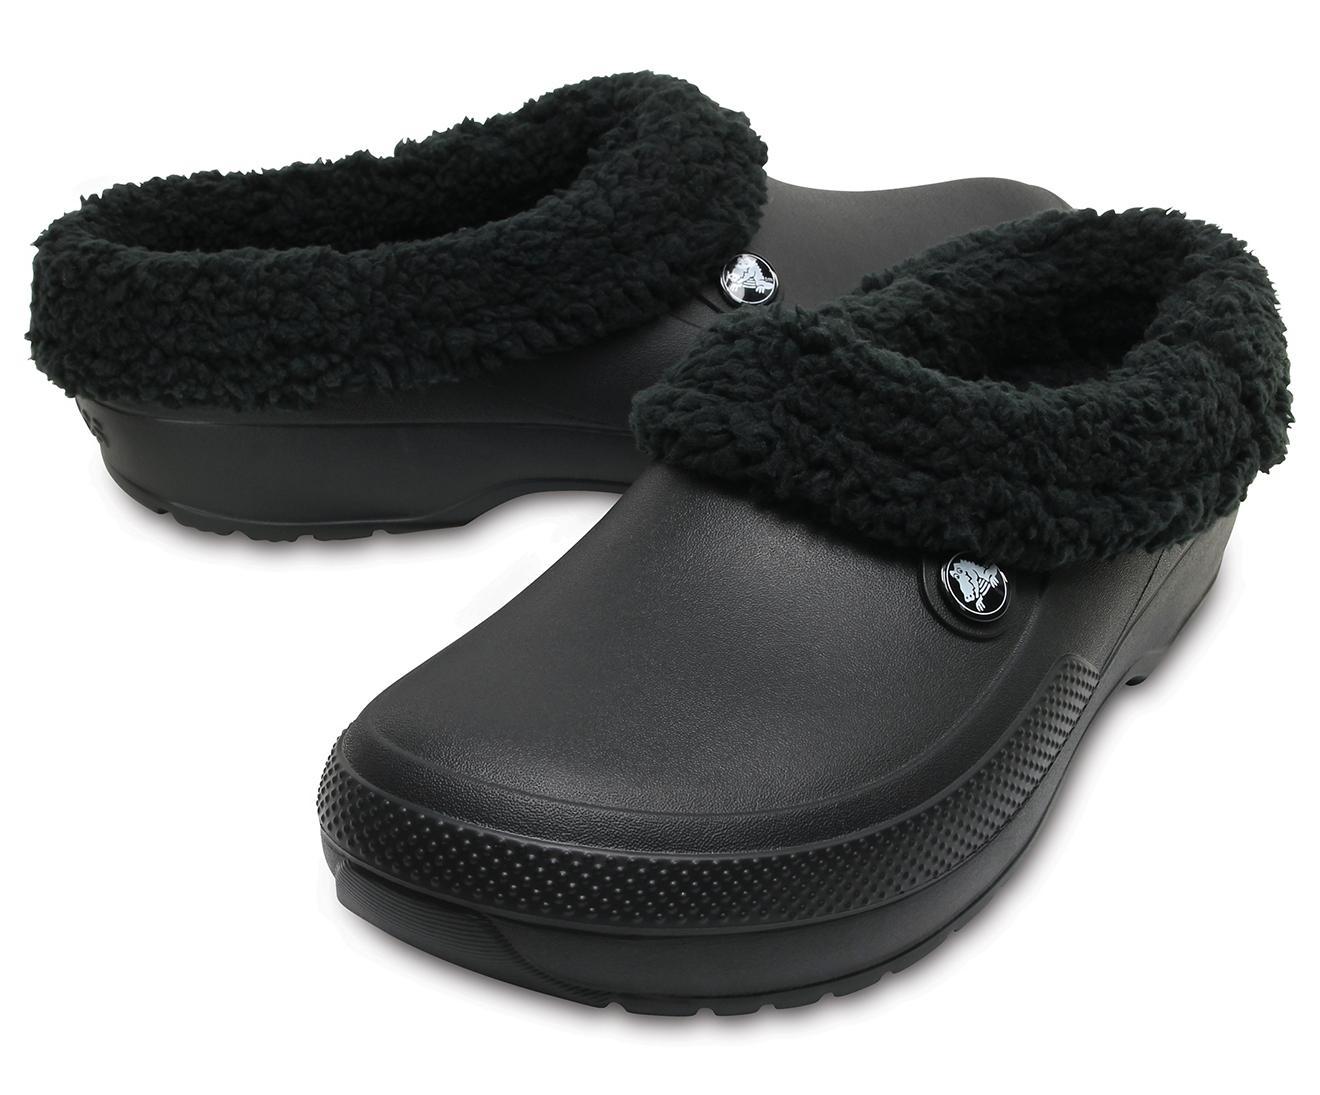 Crocs Womens Mens Blitzen Iii Clog Indoor Or Outdoor Warm and Fuzzy Shoe